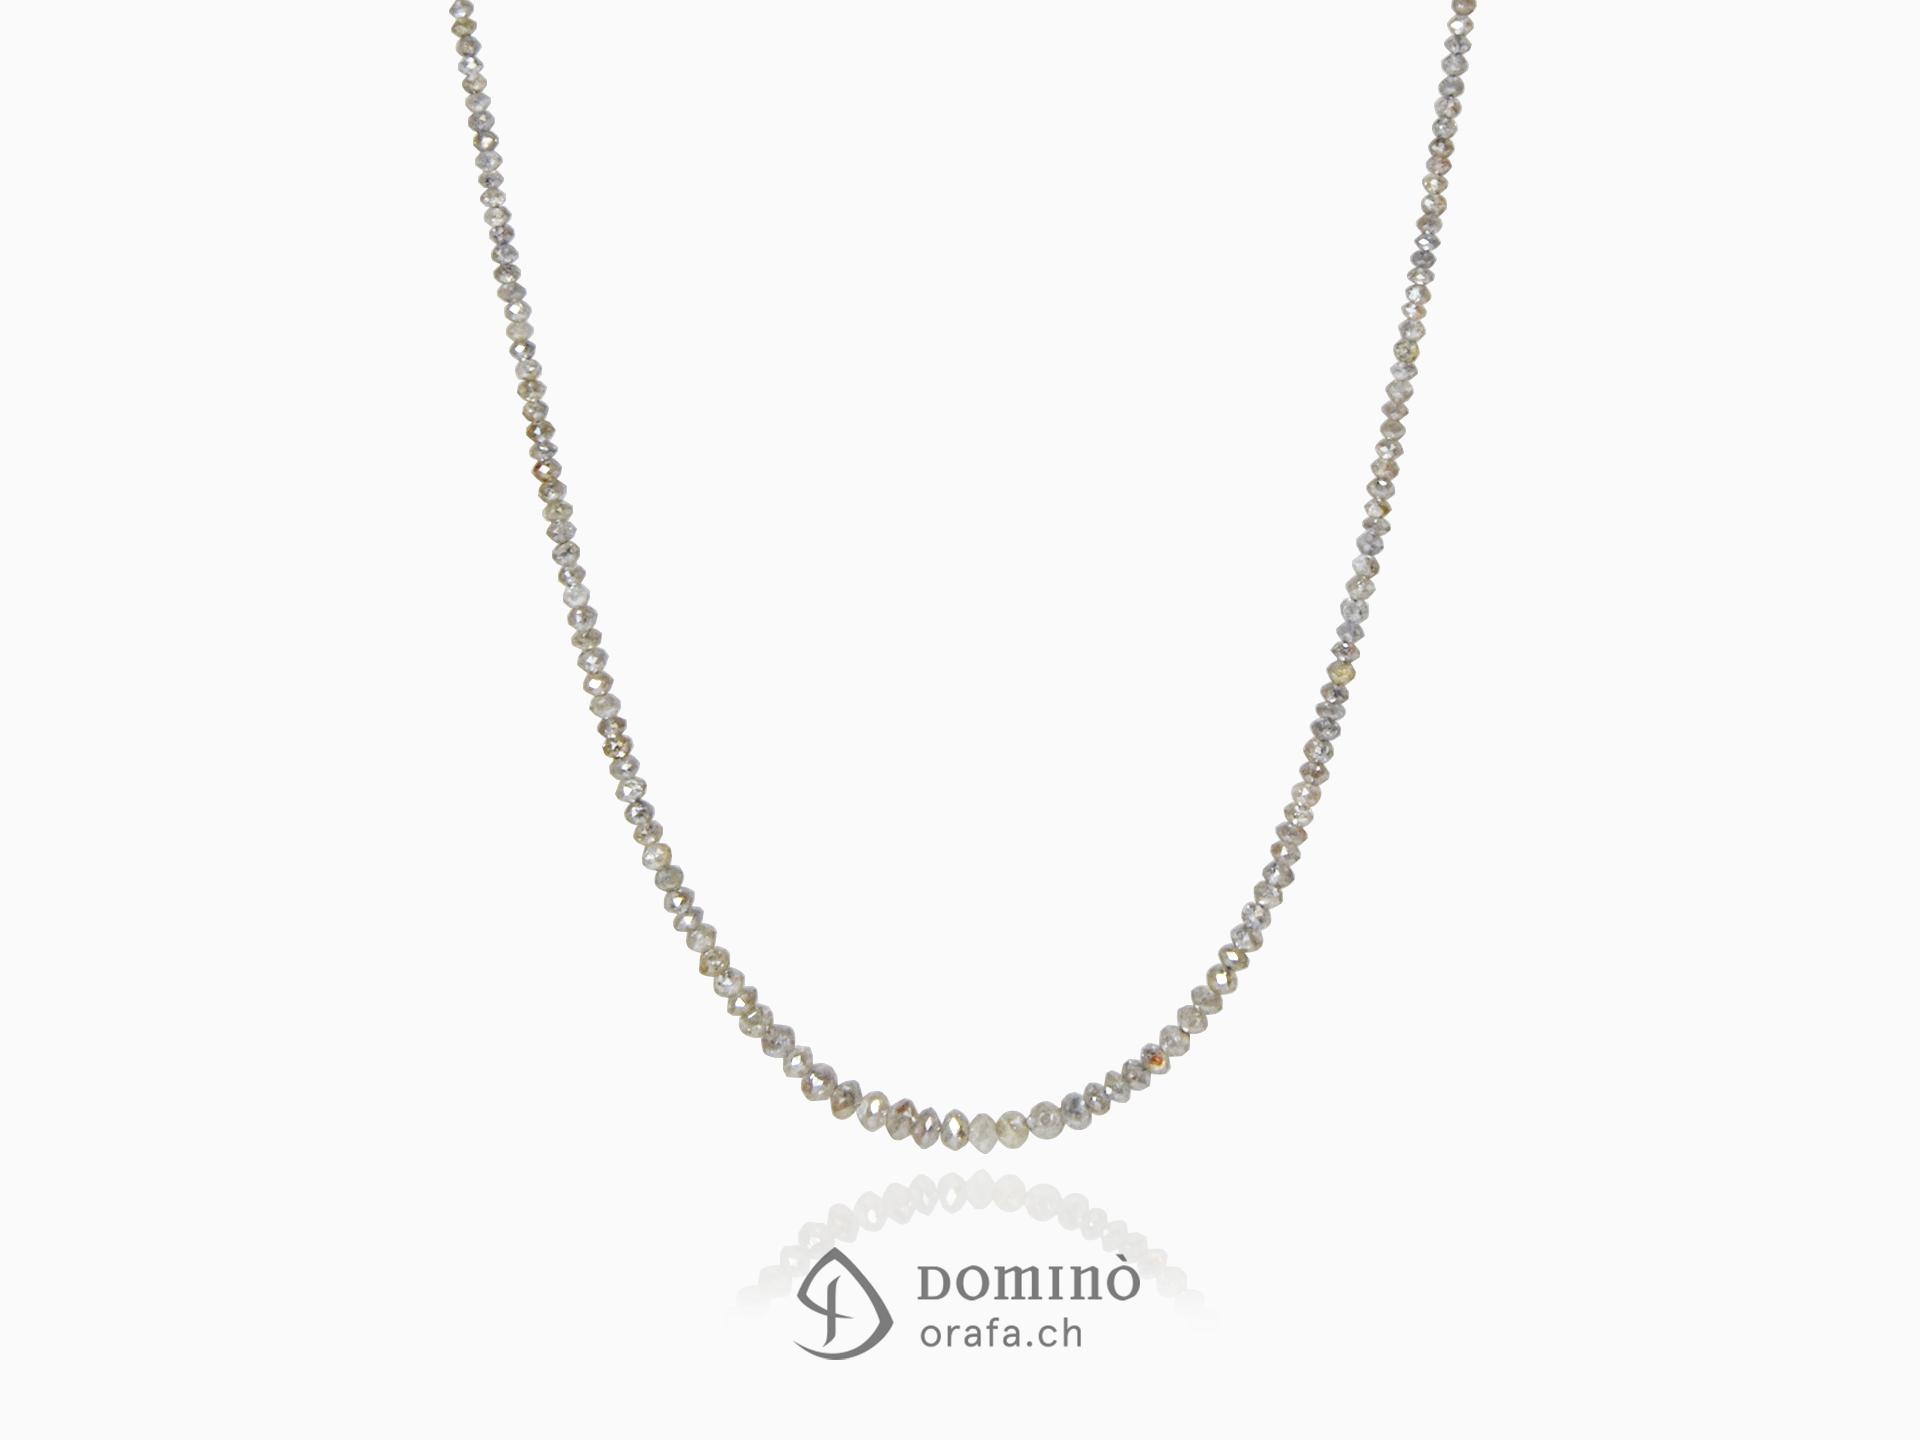 Collier di diamanti